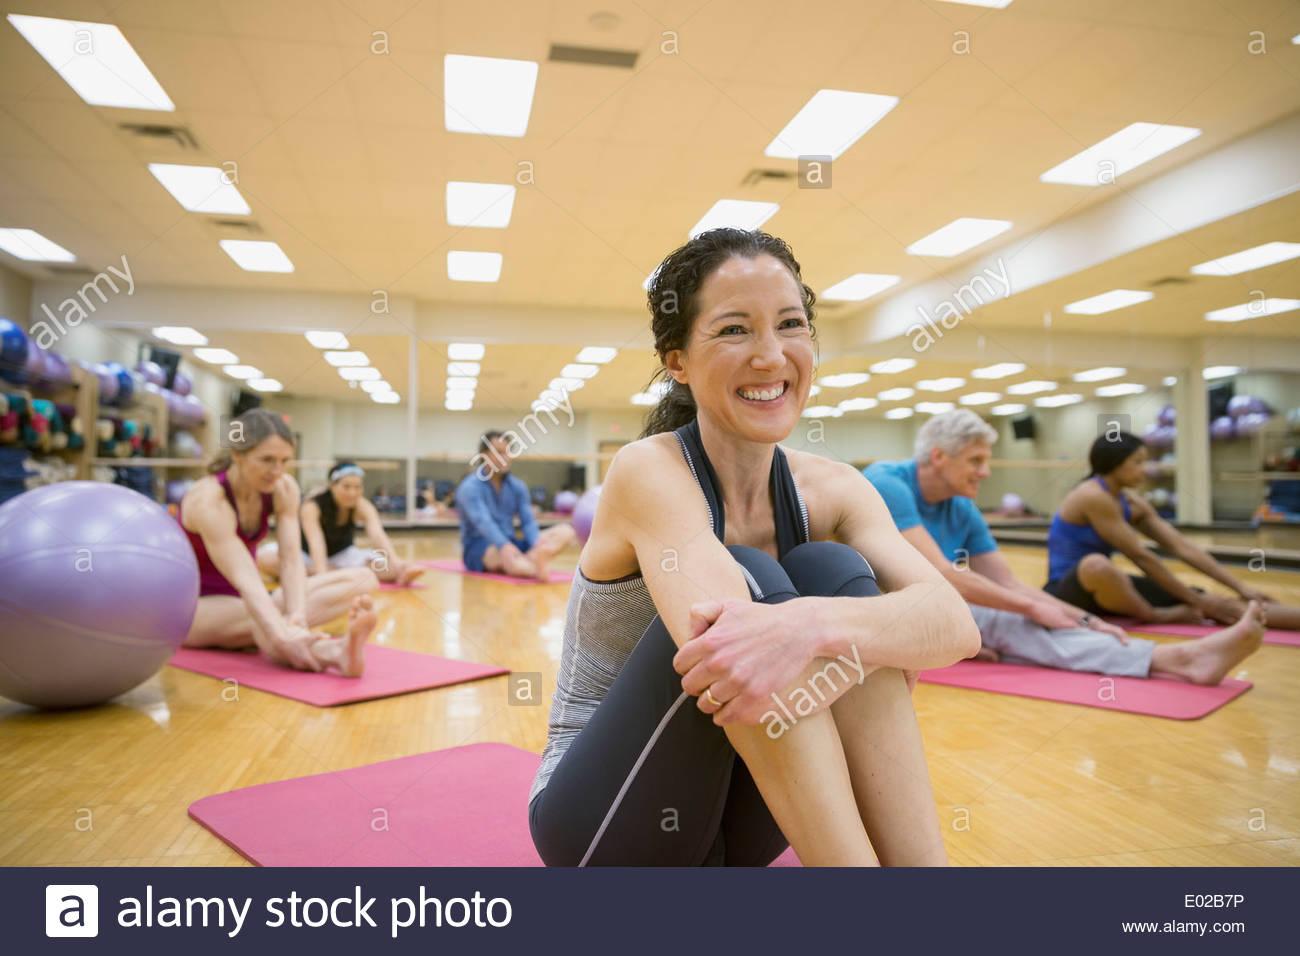 Donna sorridente sul materassino yoga nella classe di esercizio Immagini Stock